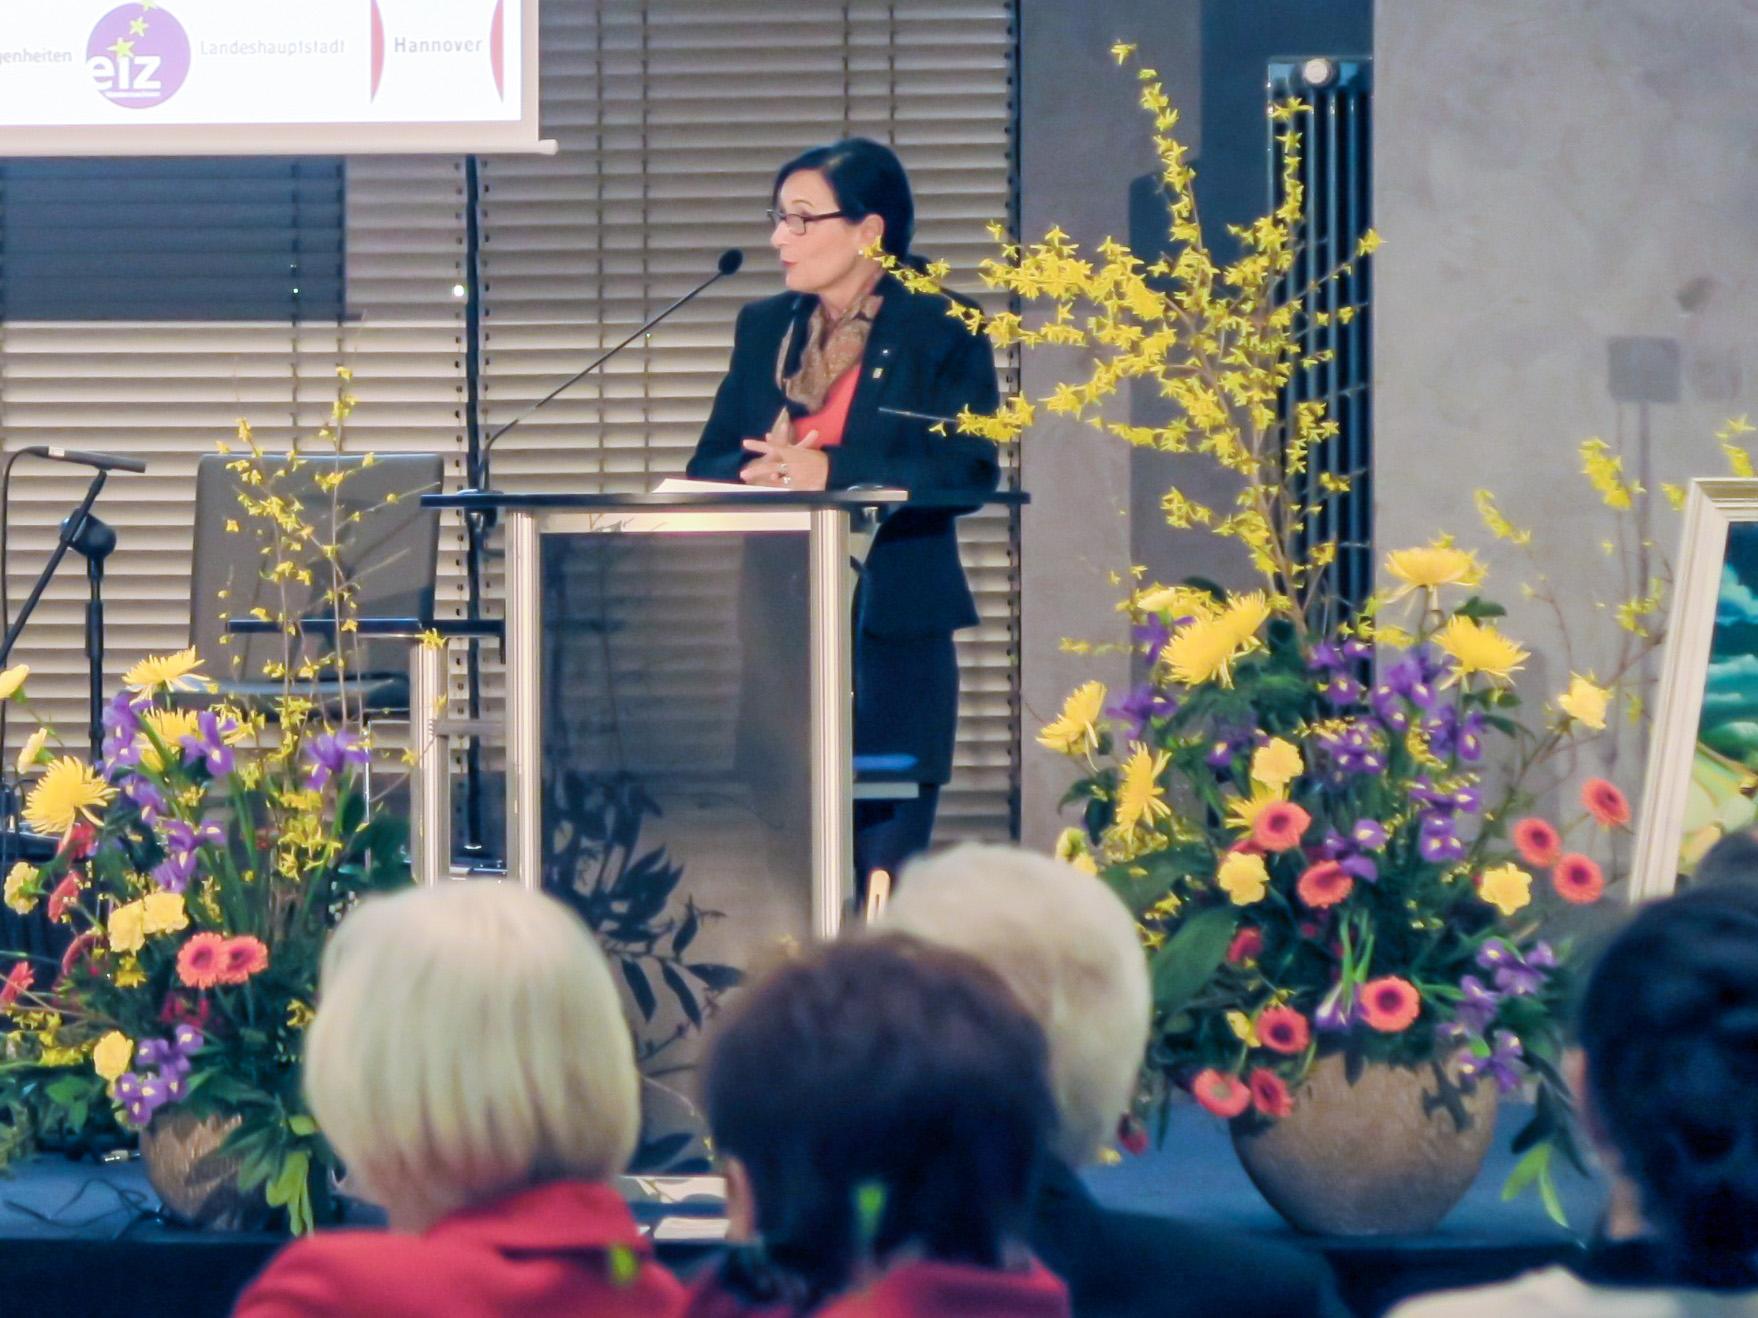 Bürgermeisterin Kramarek spricht am Redepult vor Publikum.